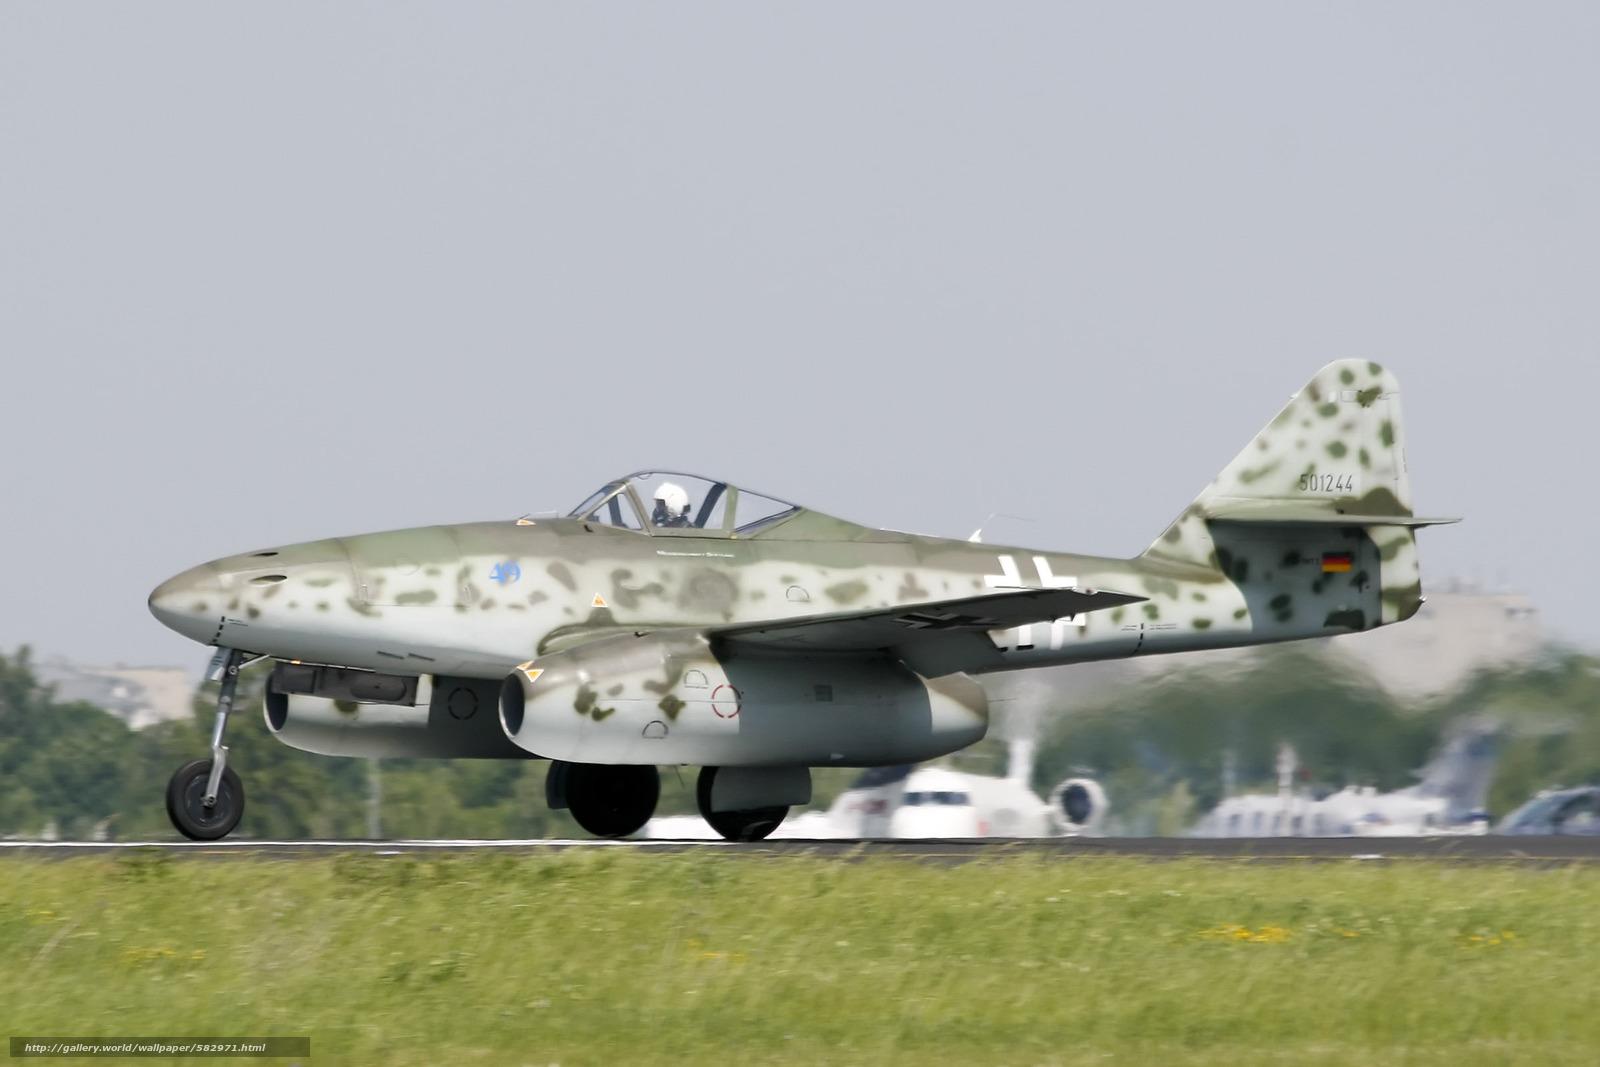 Скачать обои бомбардировщик,  мировой,  войны,  Мессерщмитт бесплатно для рабочего стола в разрешении 2400x1600 — картинка №582971